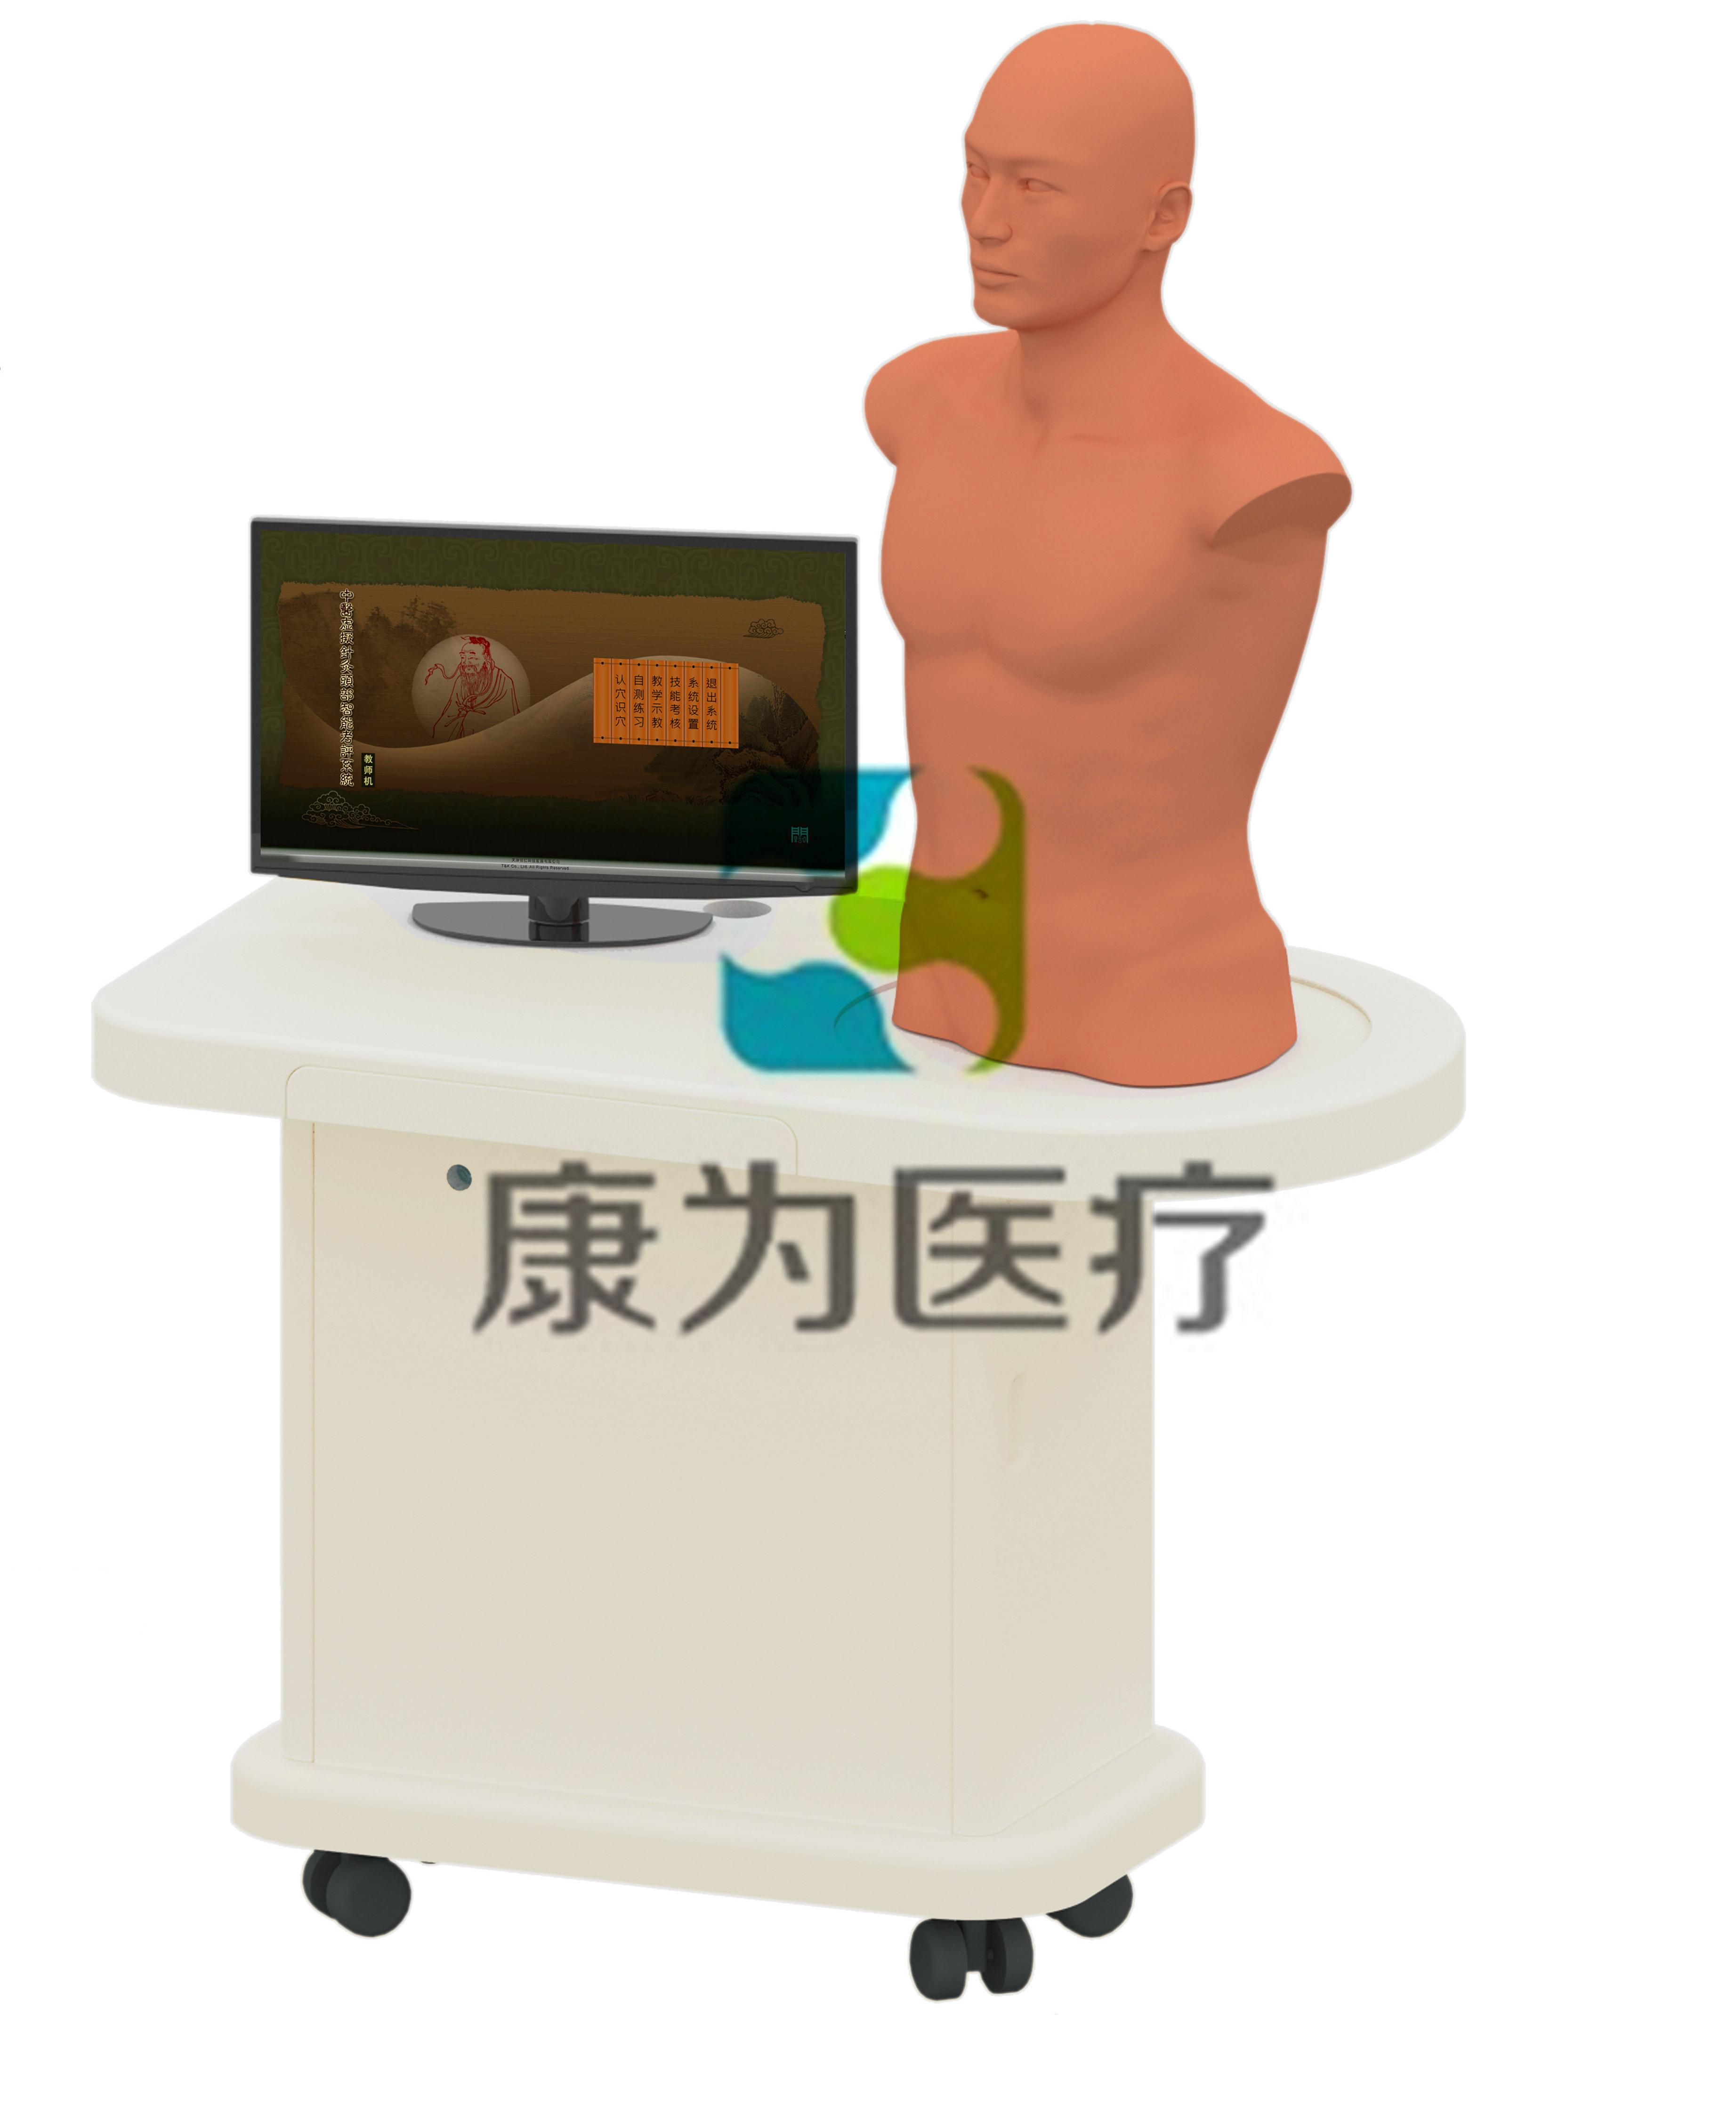 """""""万万博体育官网医疗""""中医虚拟针灸智能考评系统"""